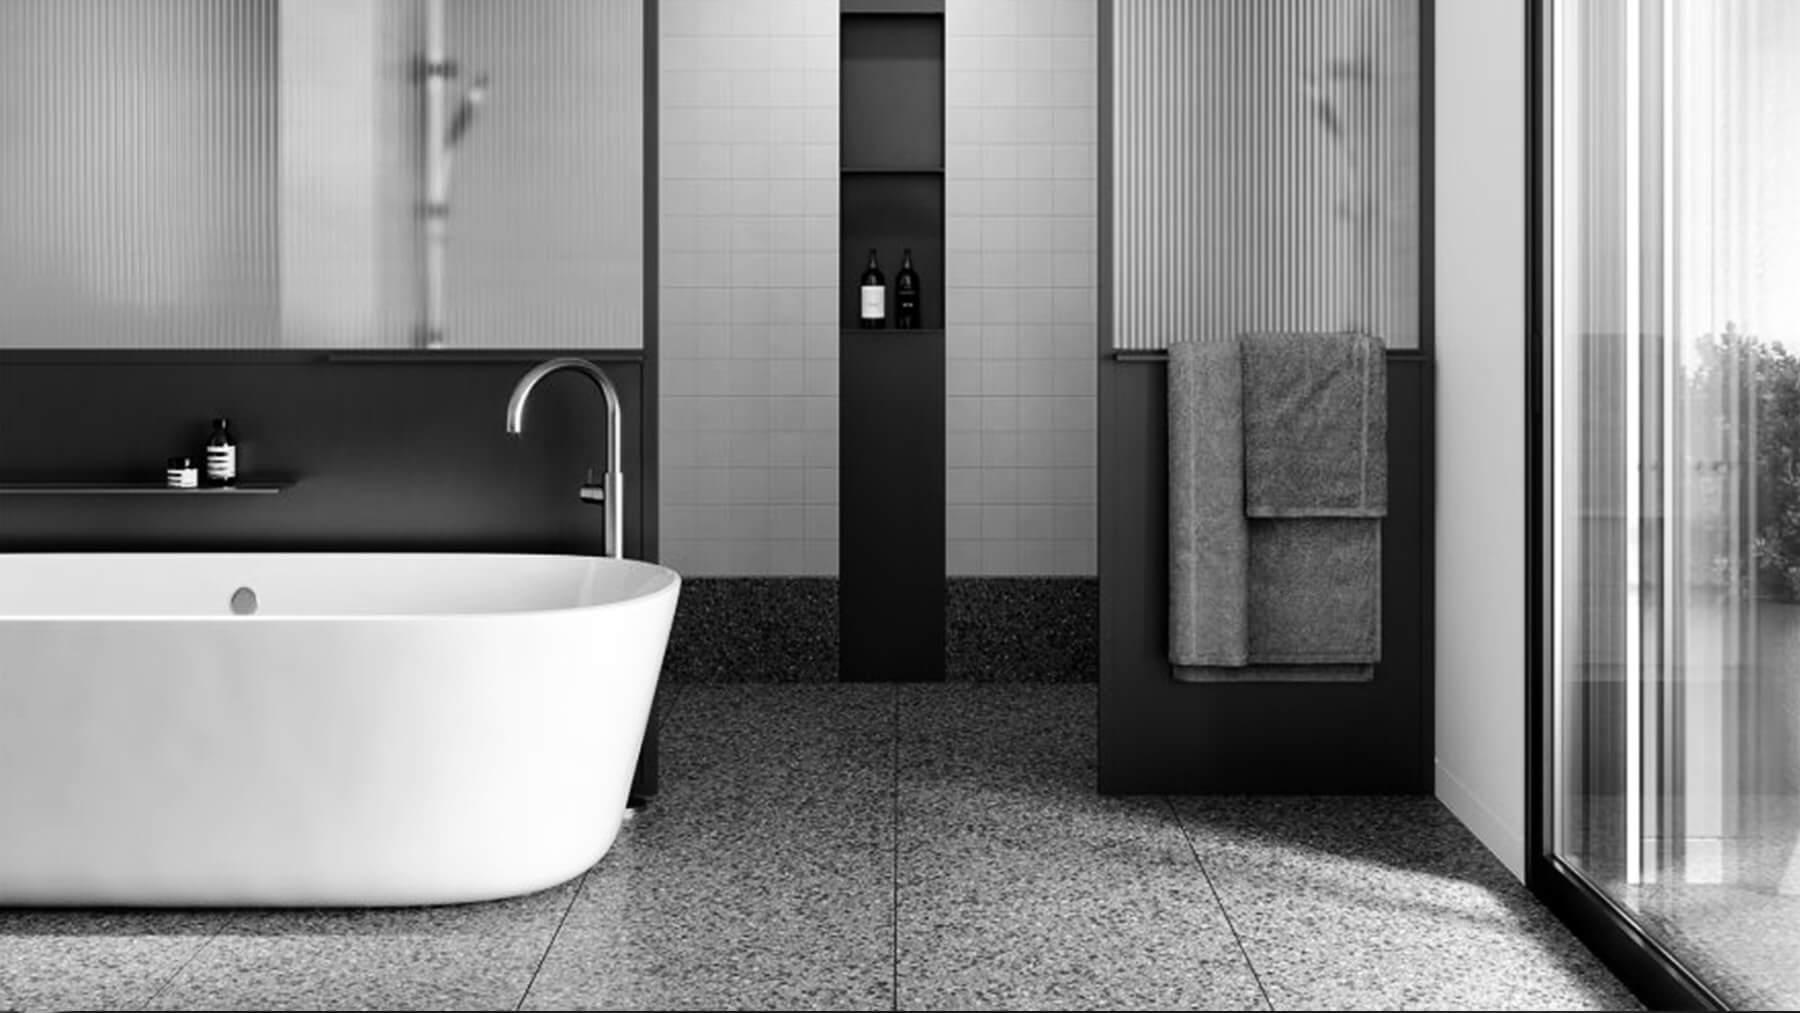 The London bathroom 2